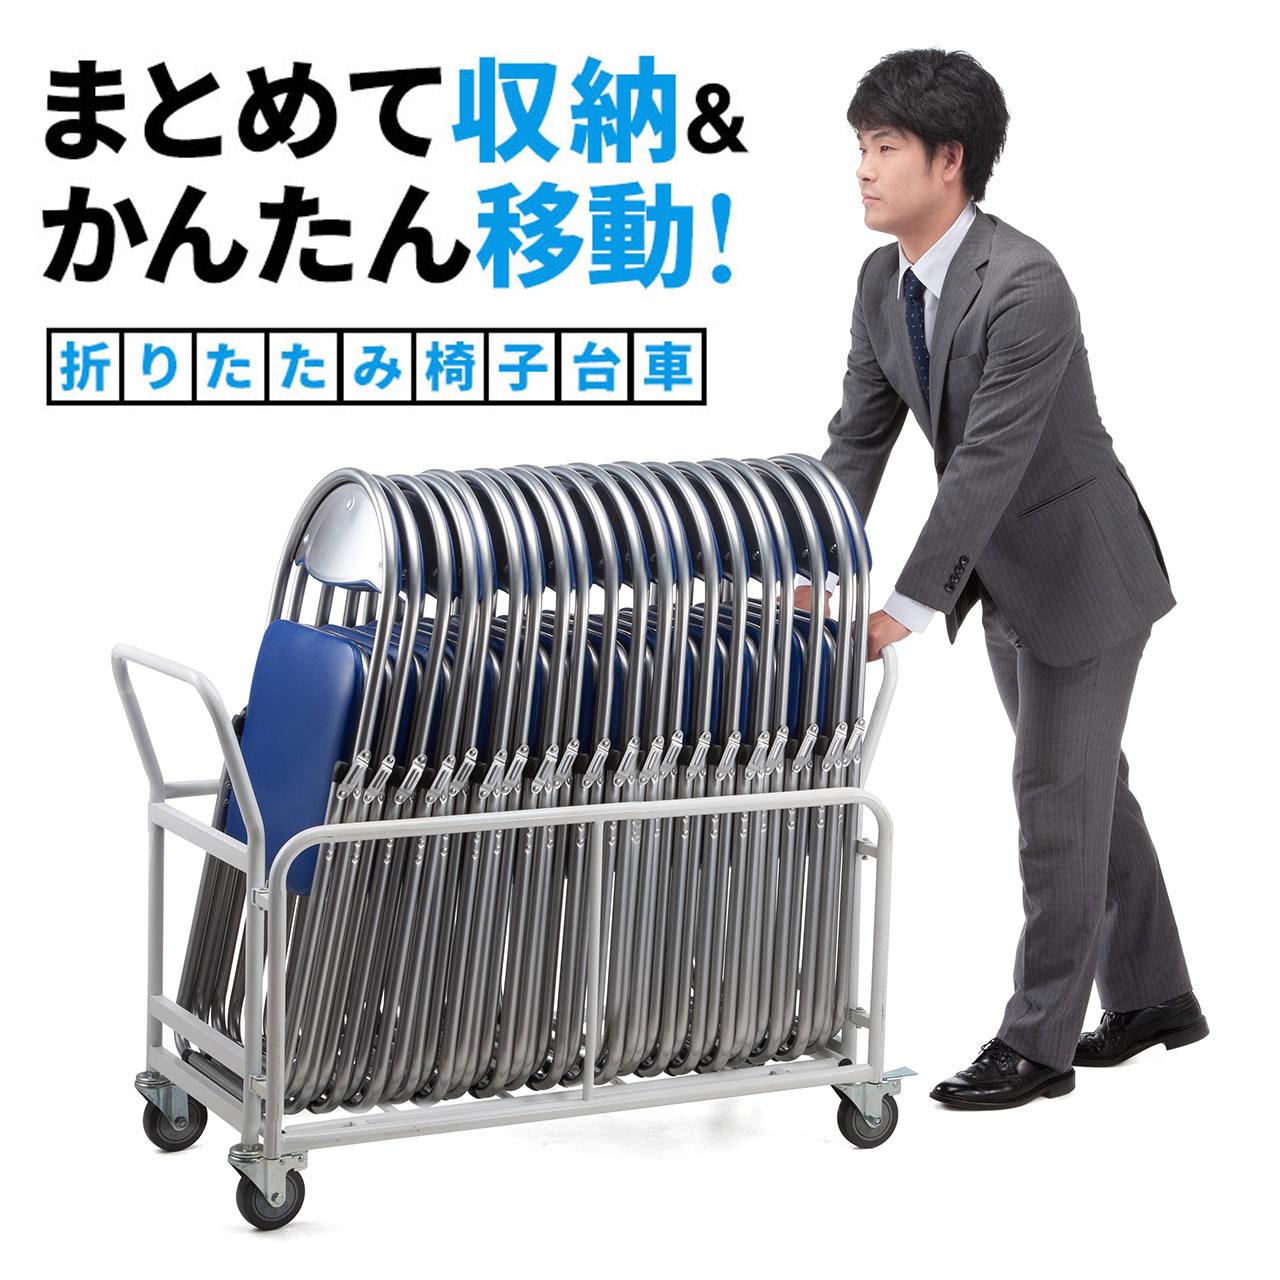 収納台車 折りたたみイス パイプ椅子 チェア 移動 キャスター付き 折りたたみ可能 20脚収納 100-SNC037CART サンワサプライ